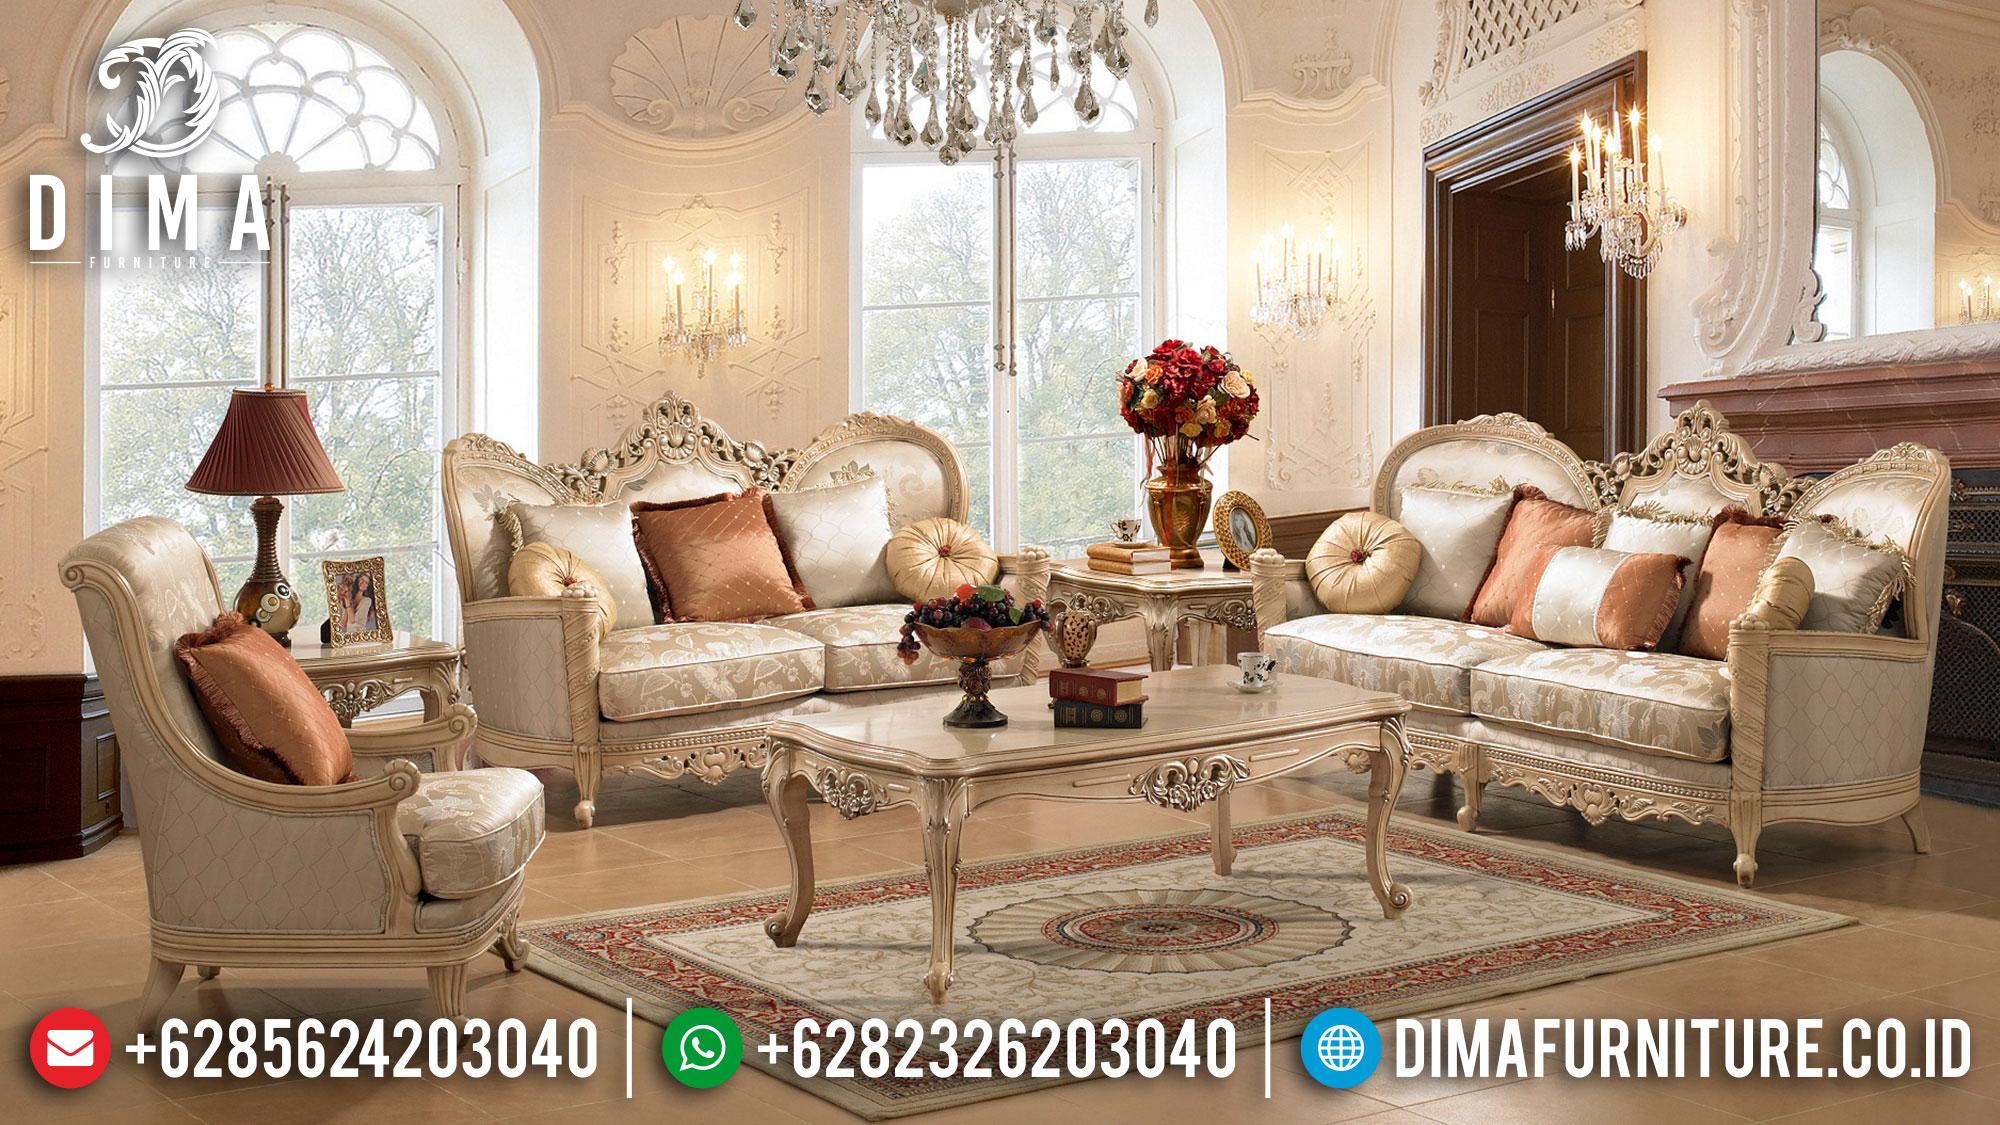 Jual Sofa Tamu Mewah Ukir Jepara High Quality Comfortable Design Mm-0913